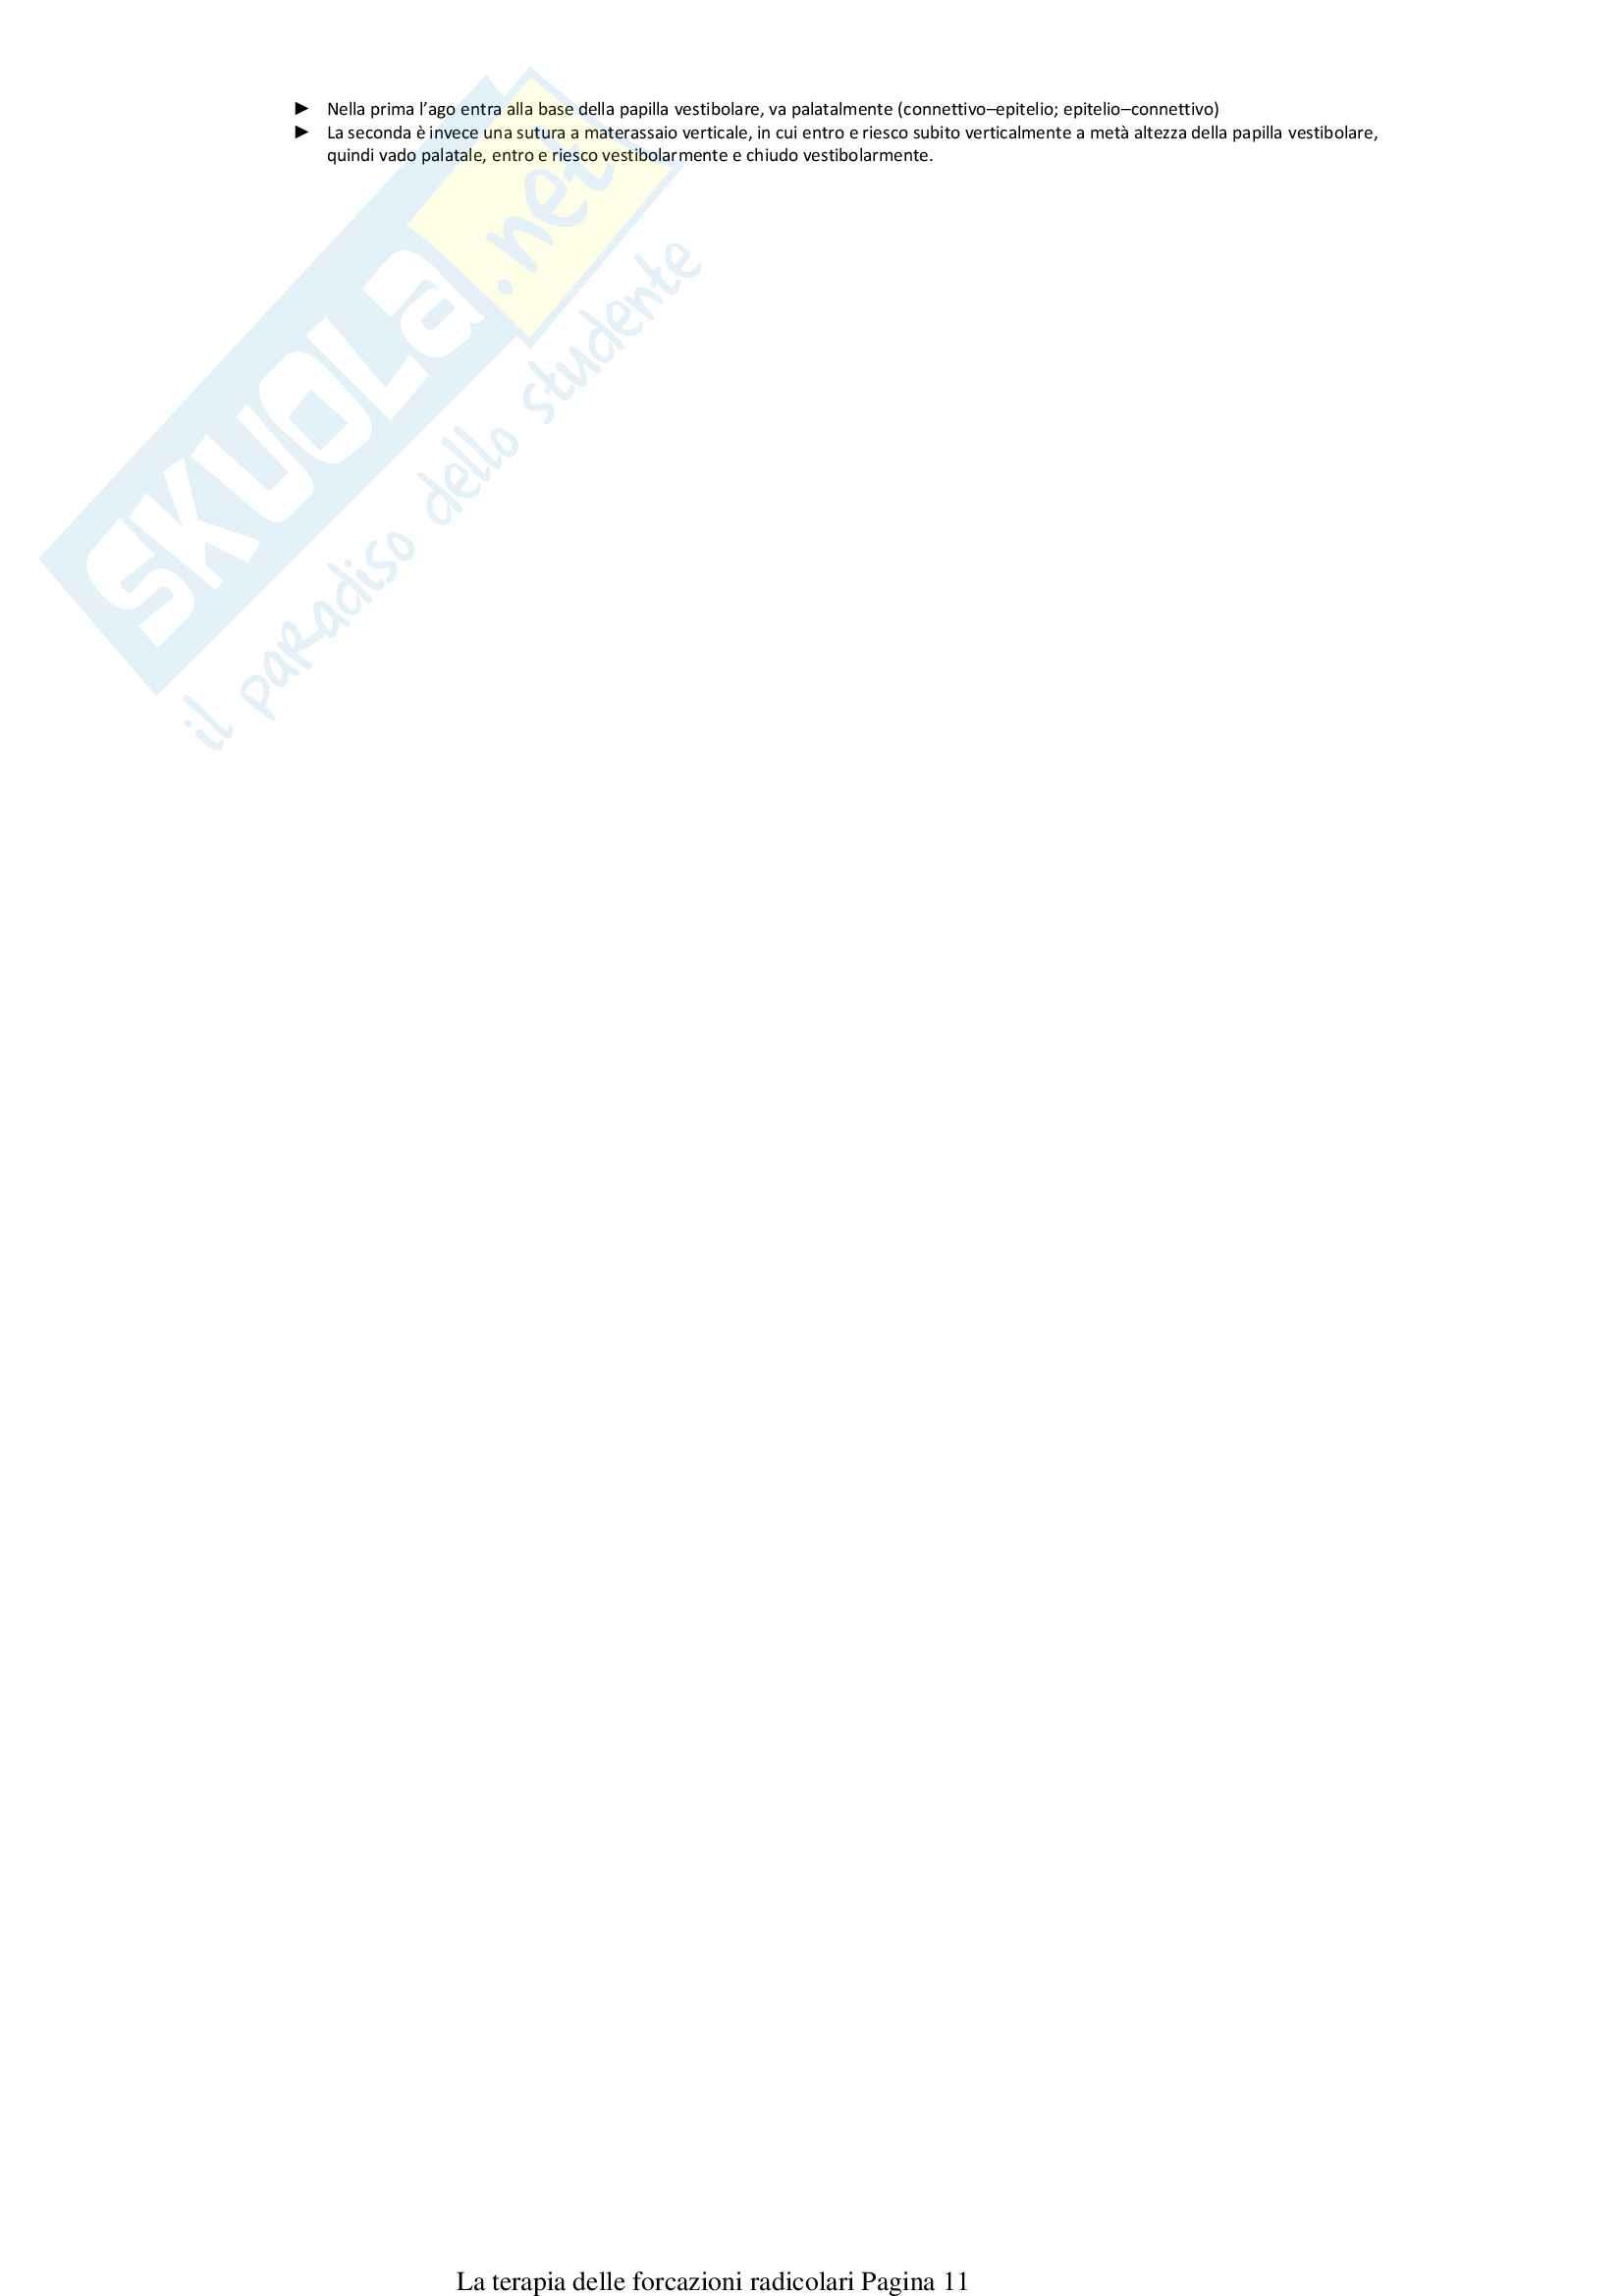 La terapia delle forcazioni radicolari Pag. 11